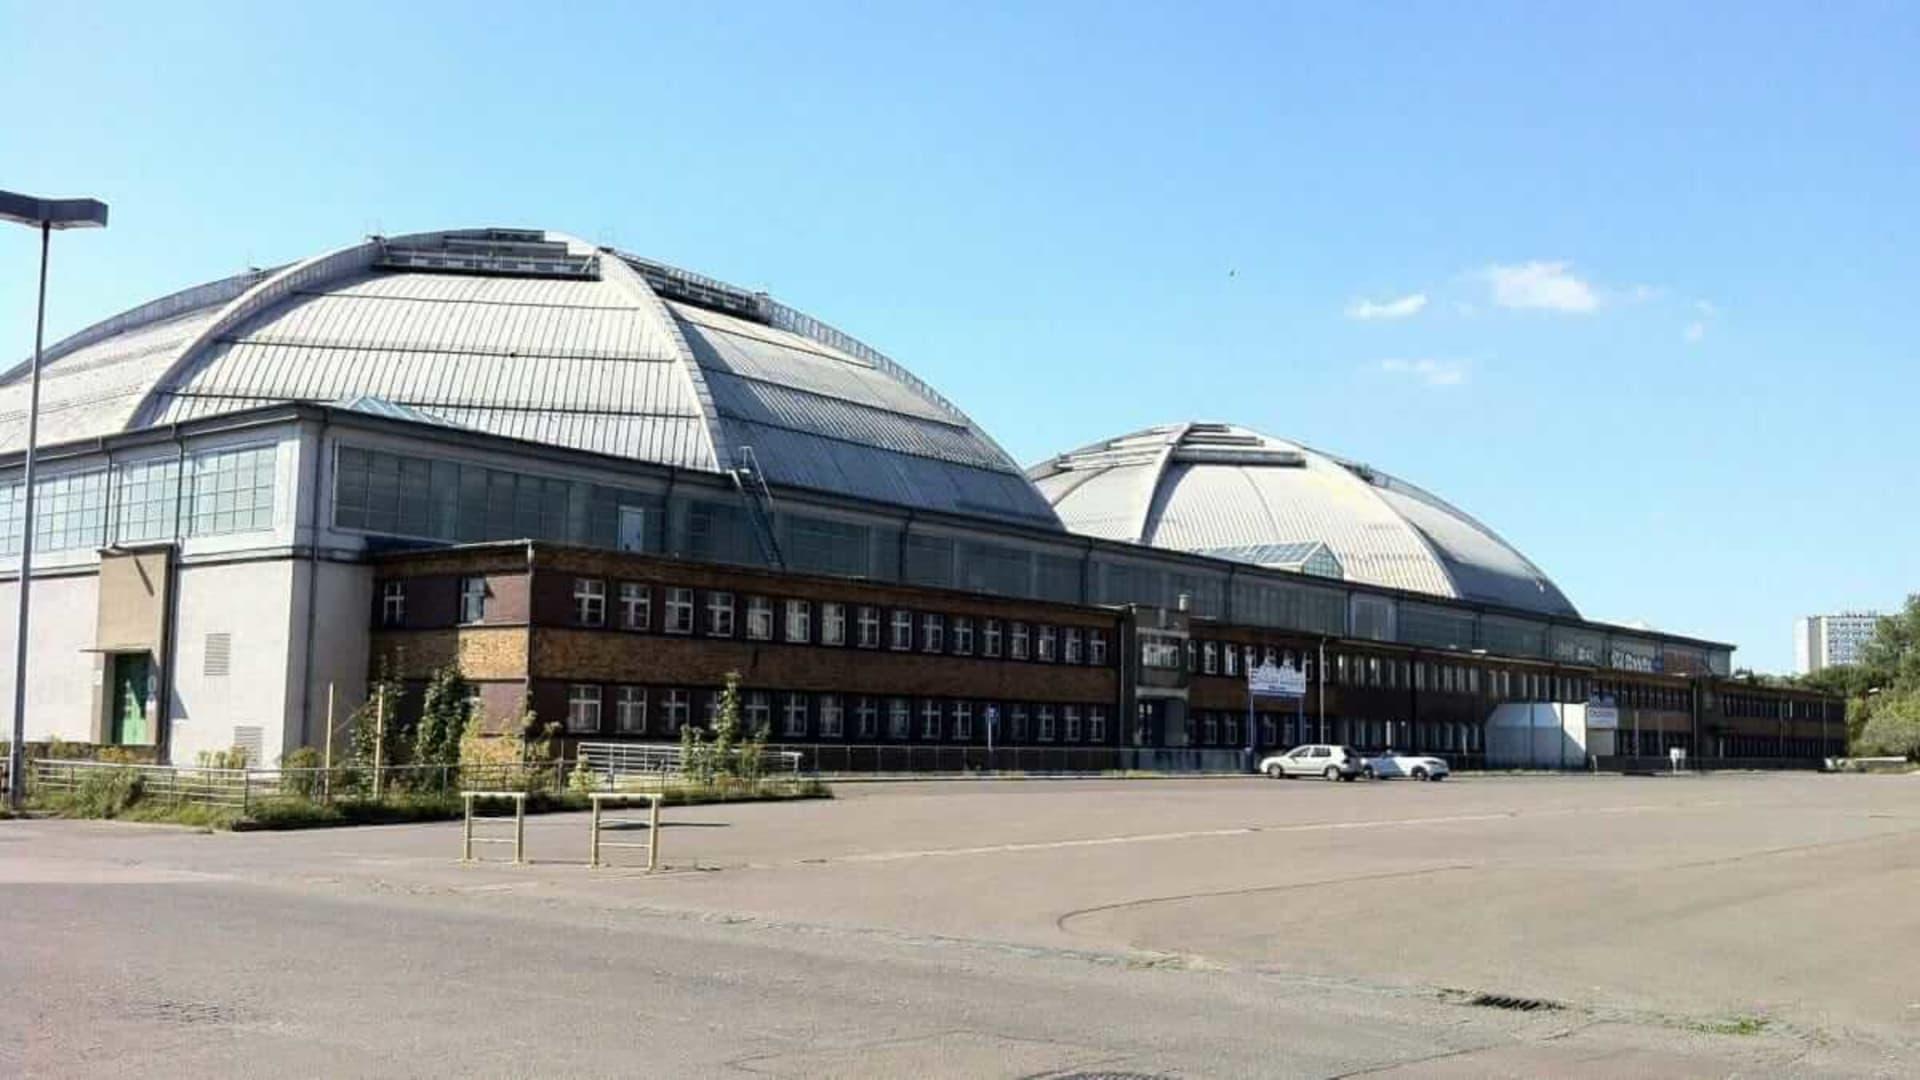 Leipzig's Institut für Zukunft Techno